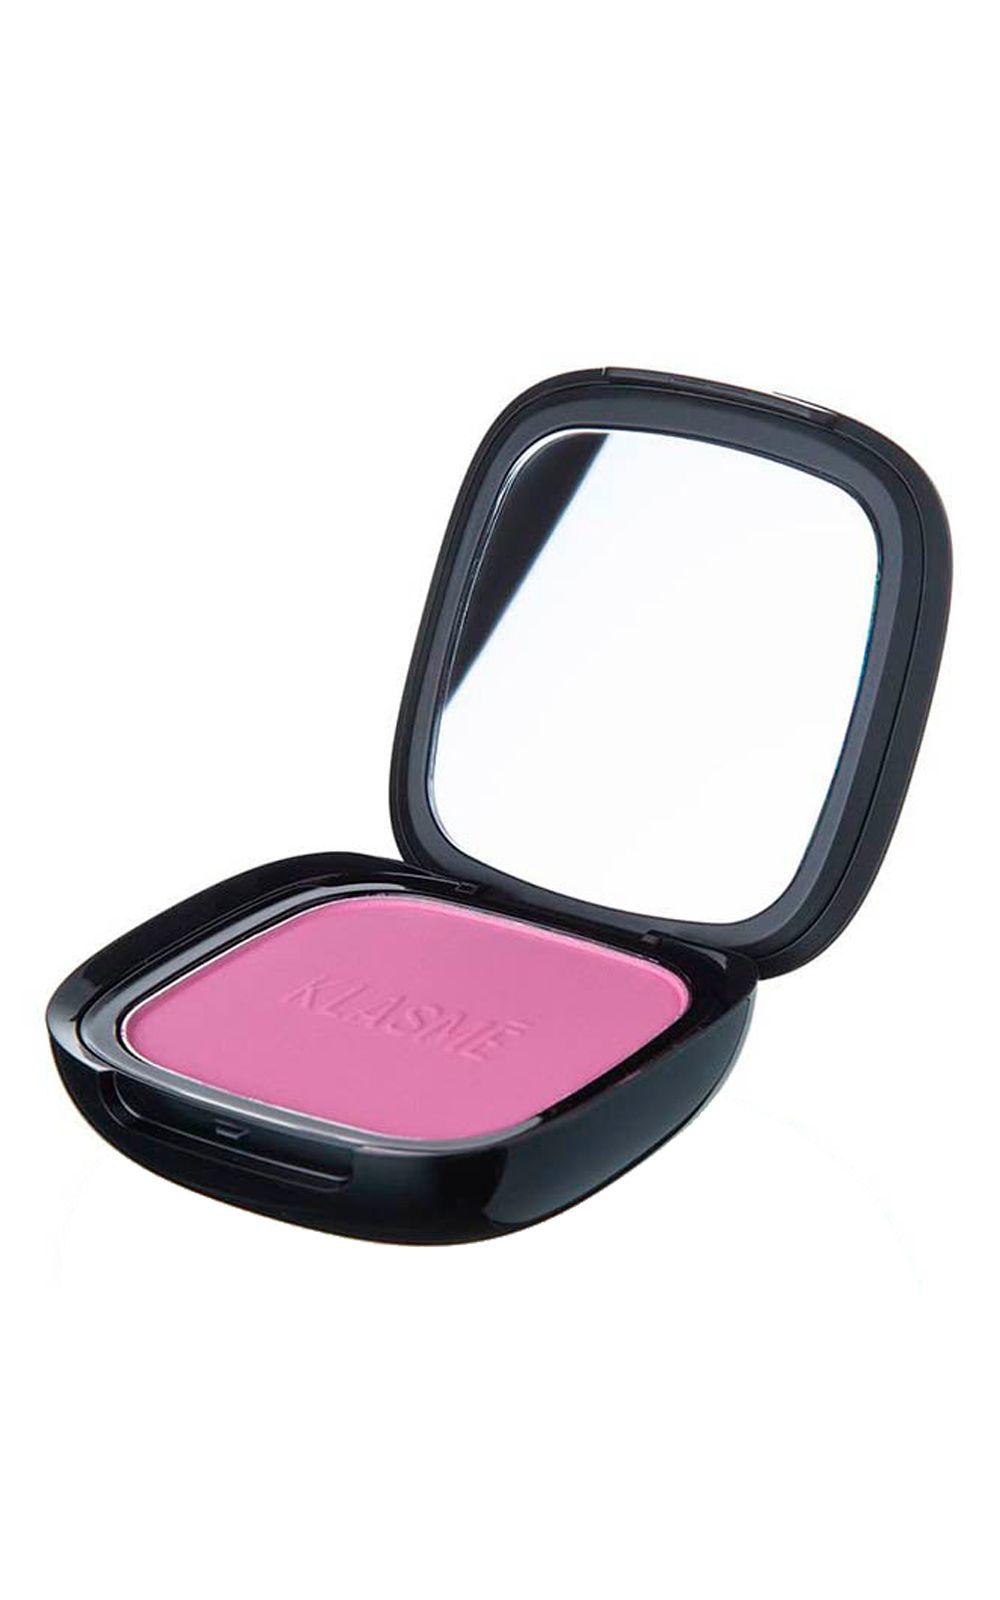 Foto 1 - Blush Compacto - Klasme - Pink